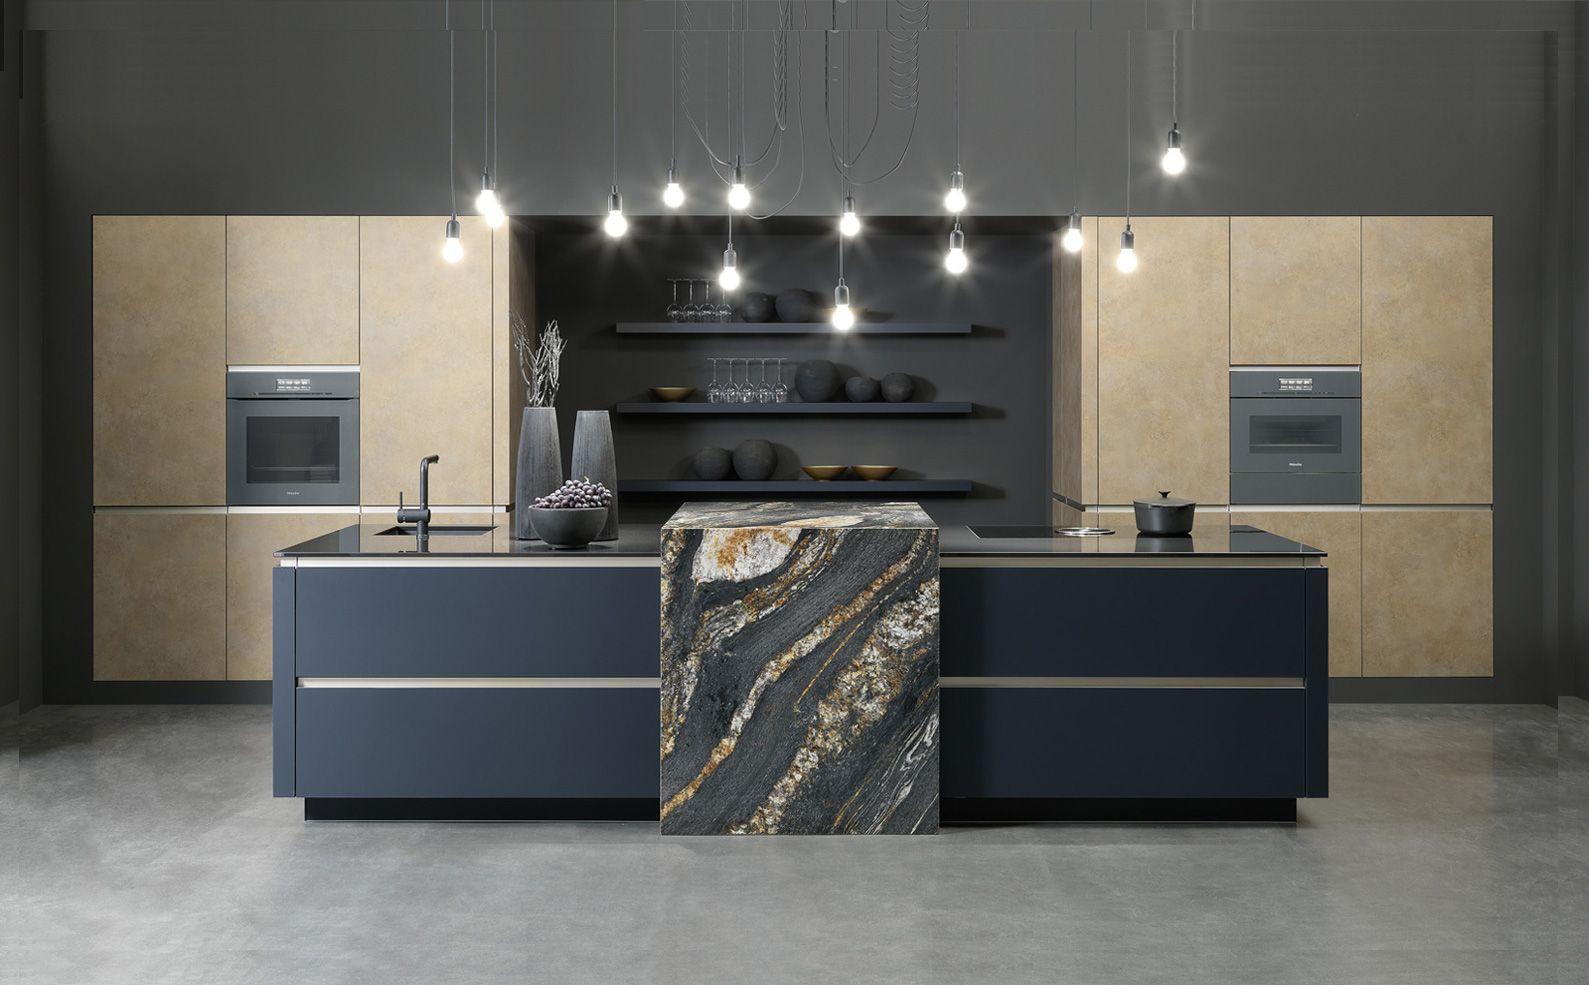 rational küchen mit ausgezeichneten design, innovativer technik, Kuchen dekoo